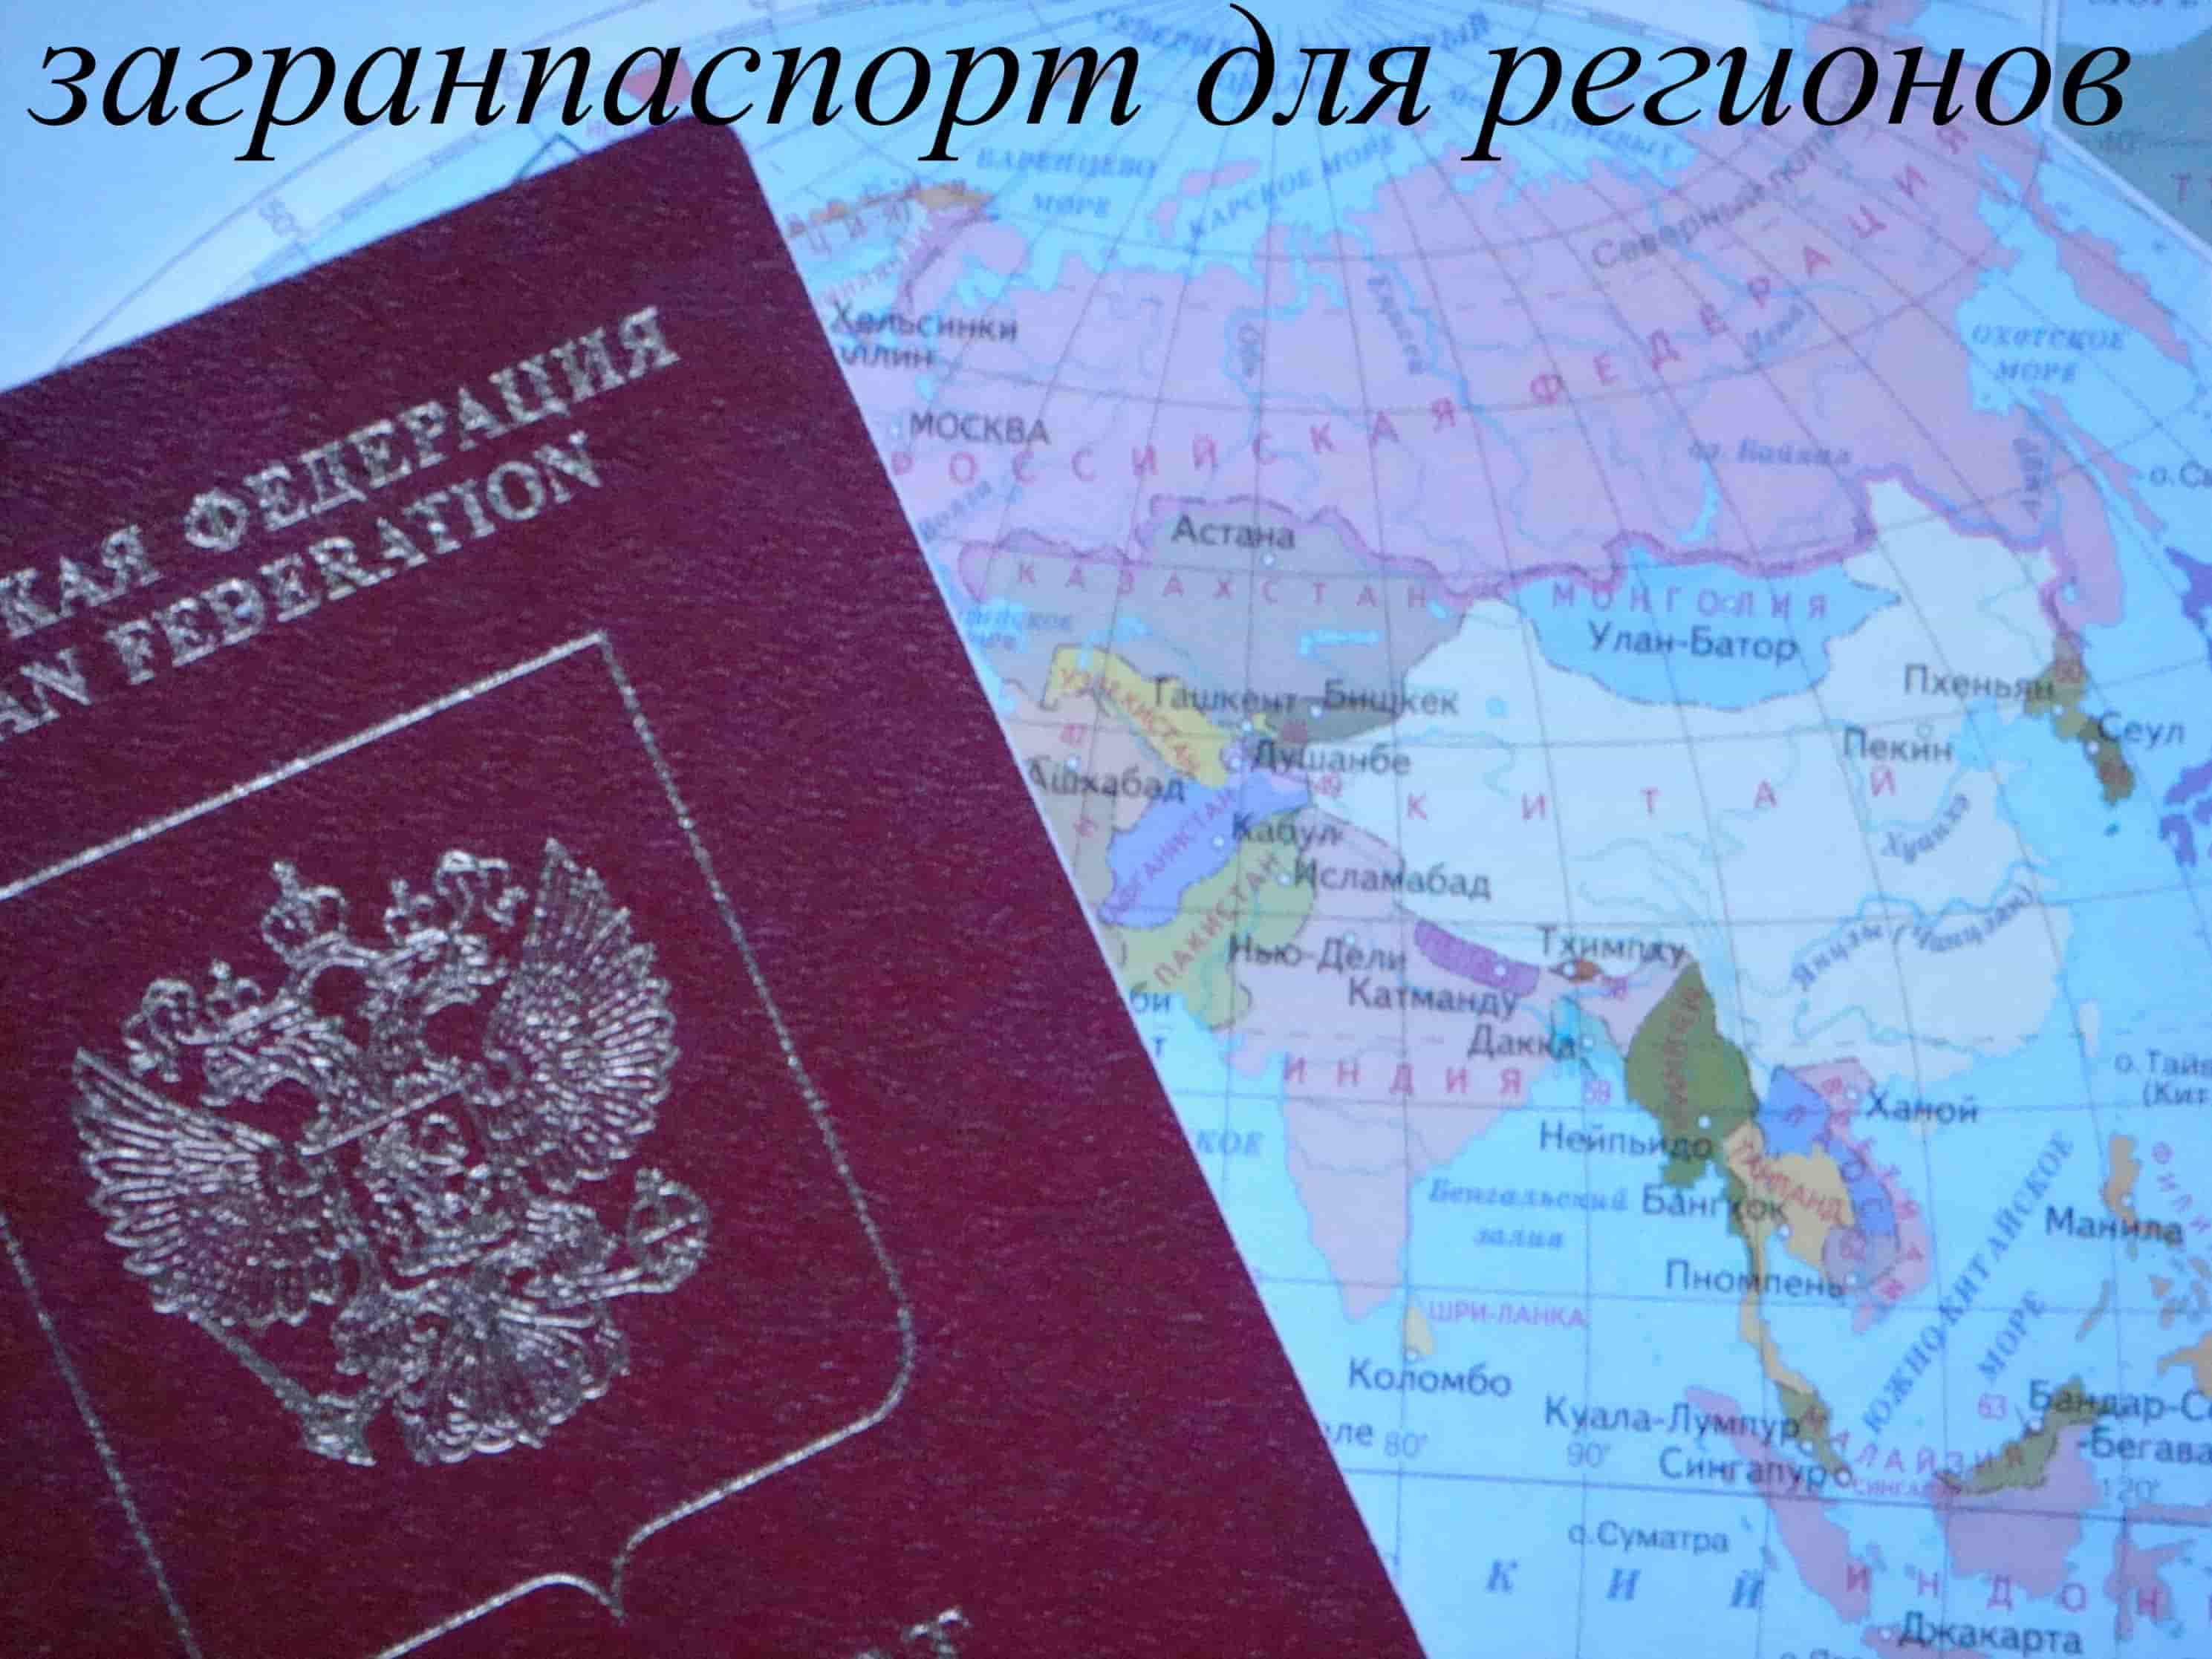 Как сделать загранпаспорт не в своем регионе